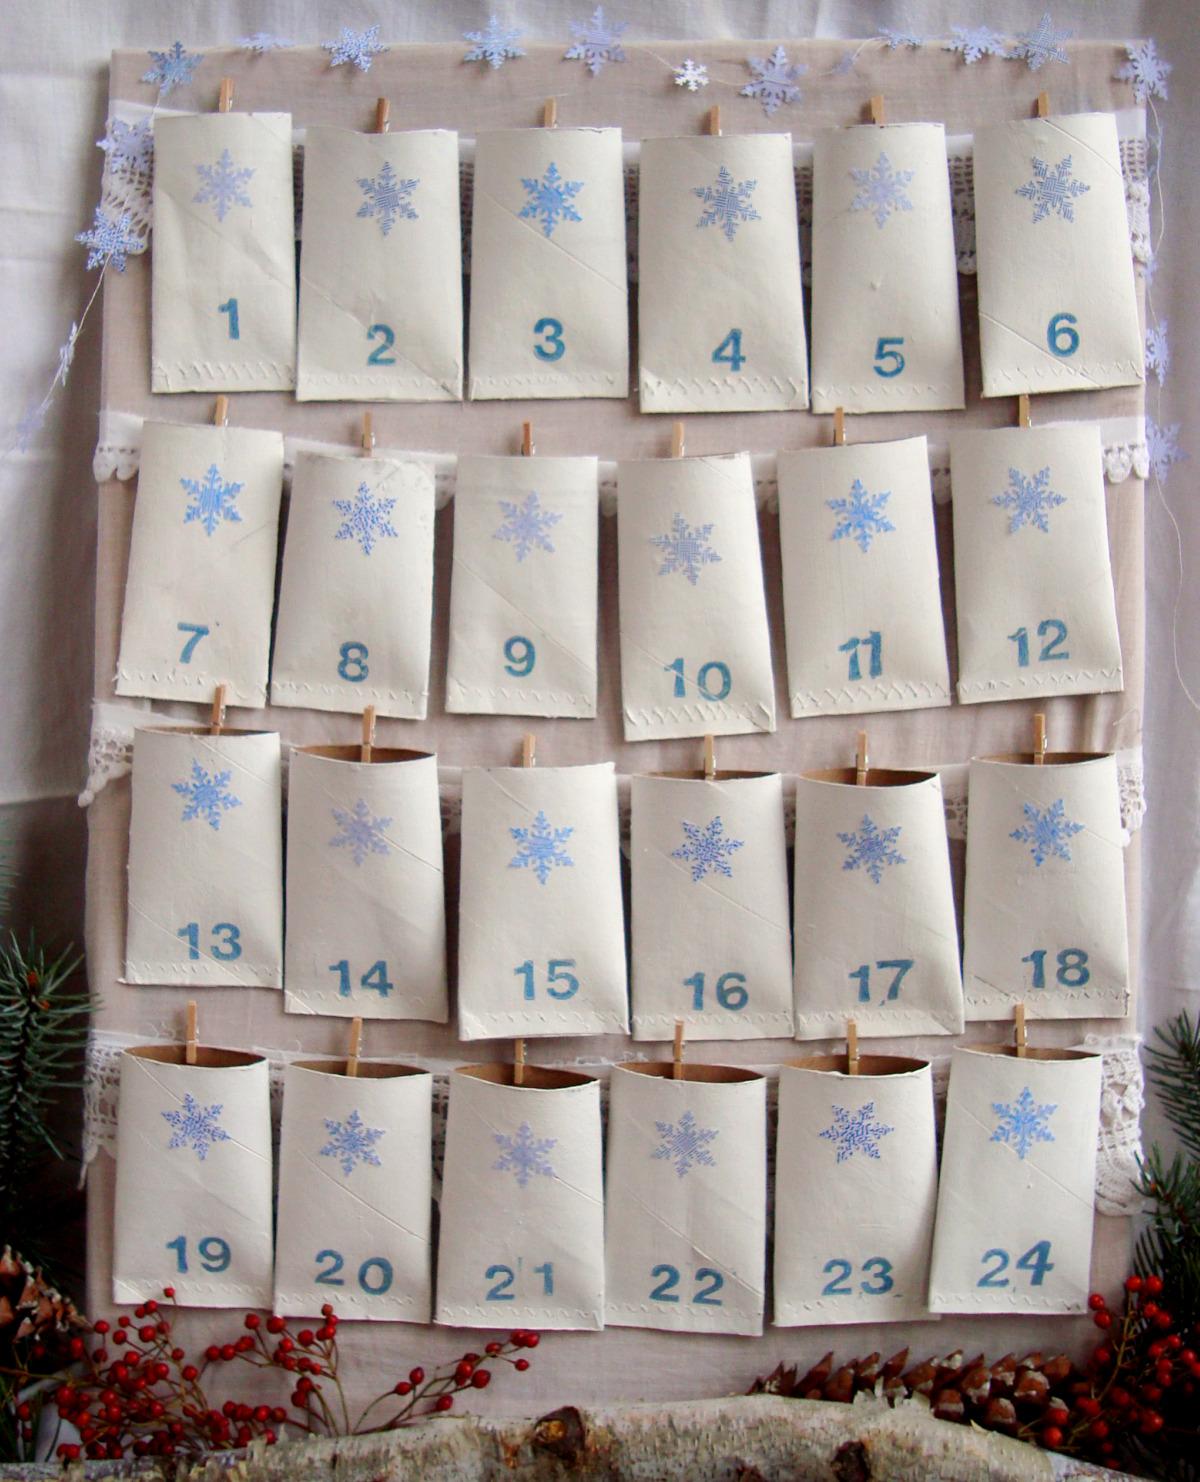 Maya made count down calender 2009 - Manualidades con rollos de papel higienico para navidad ...